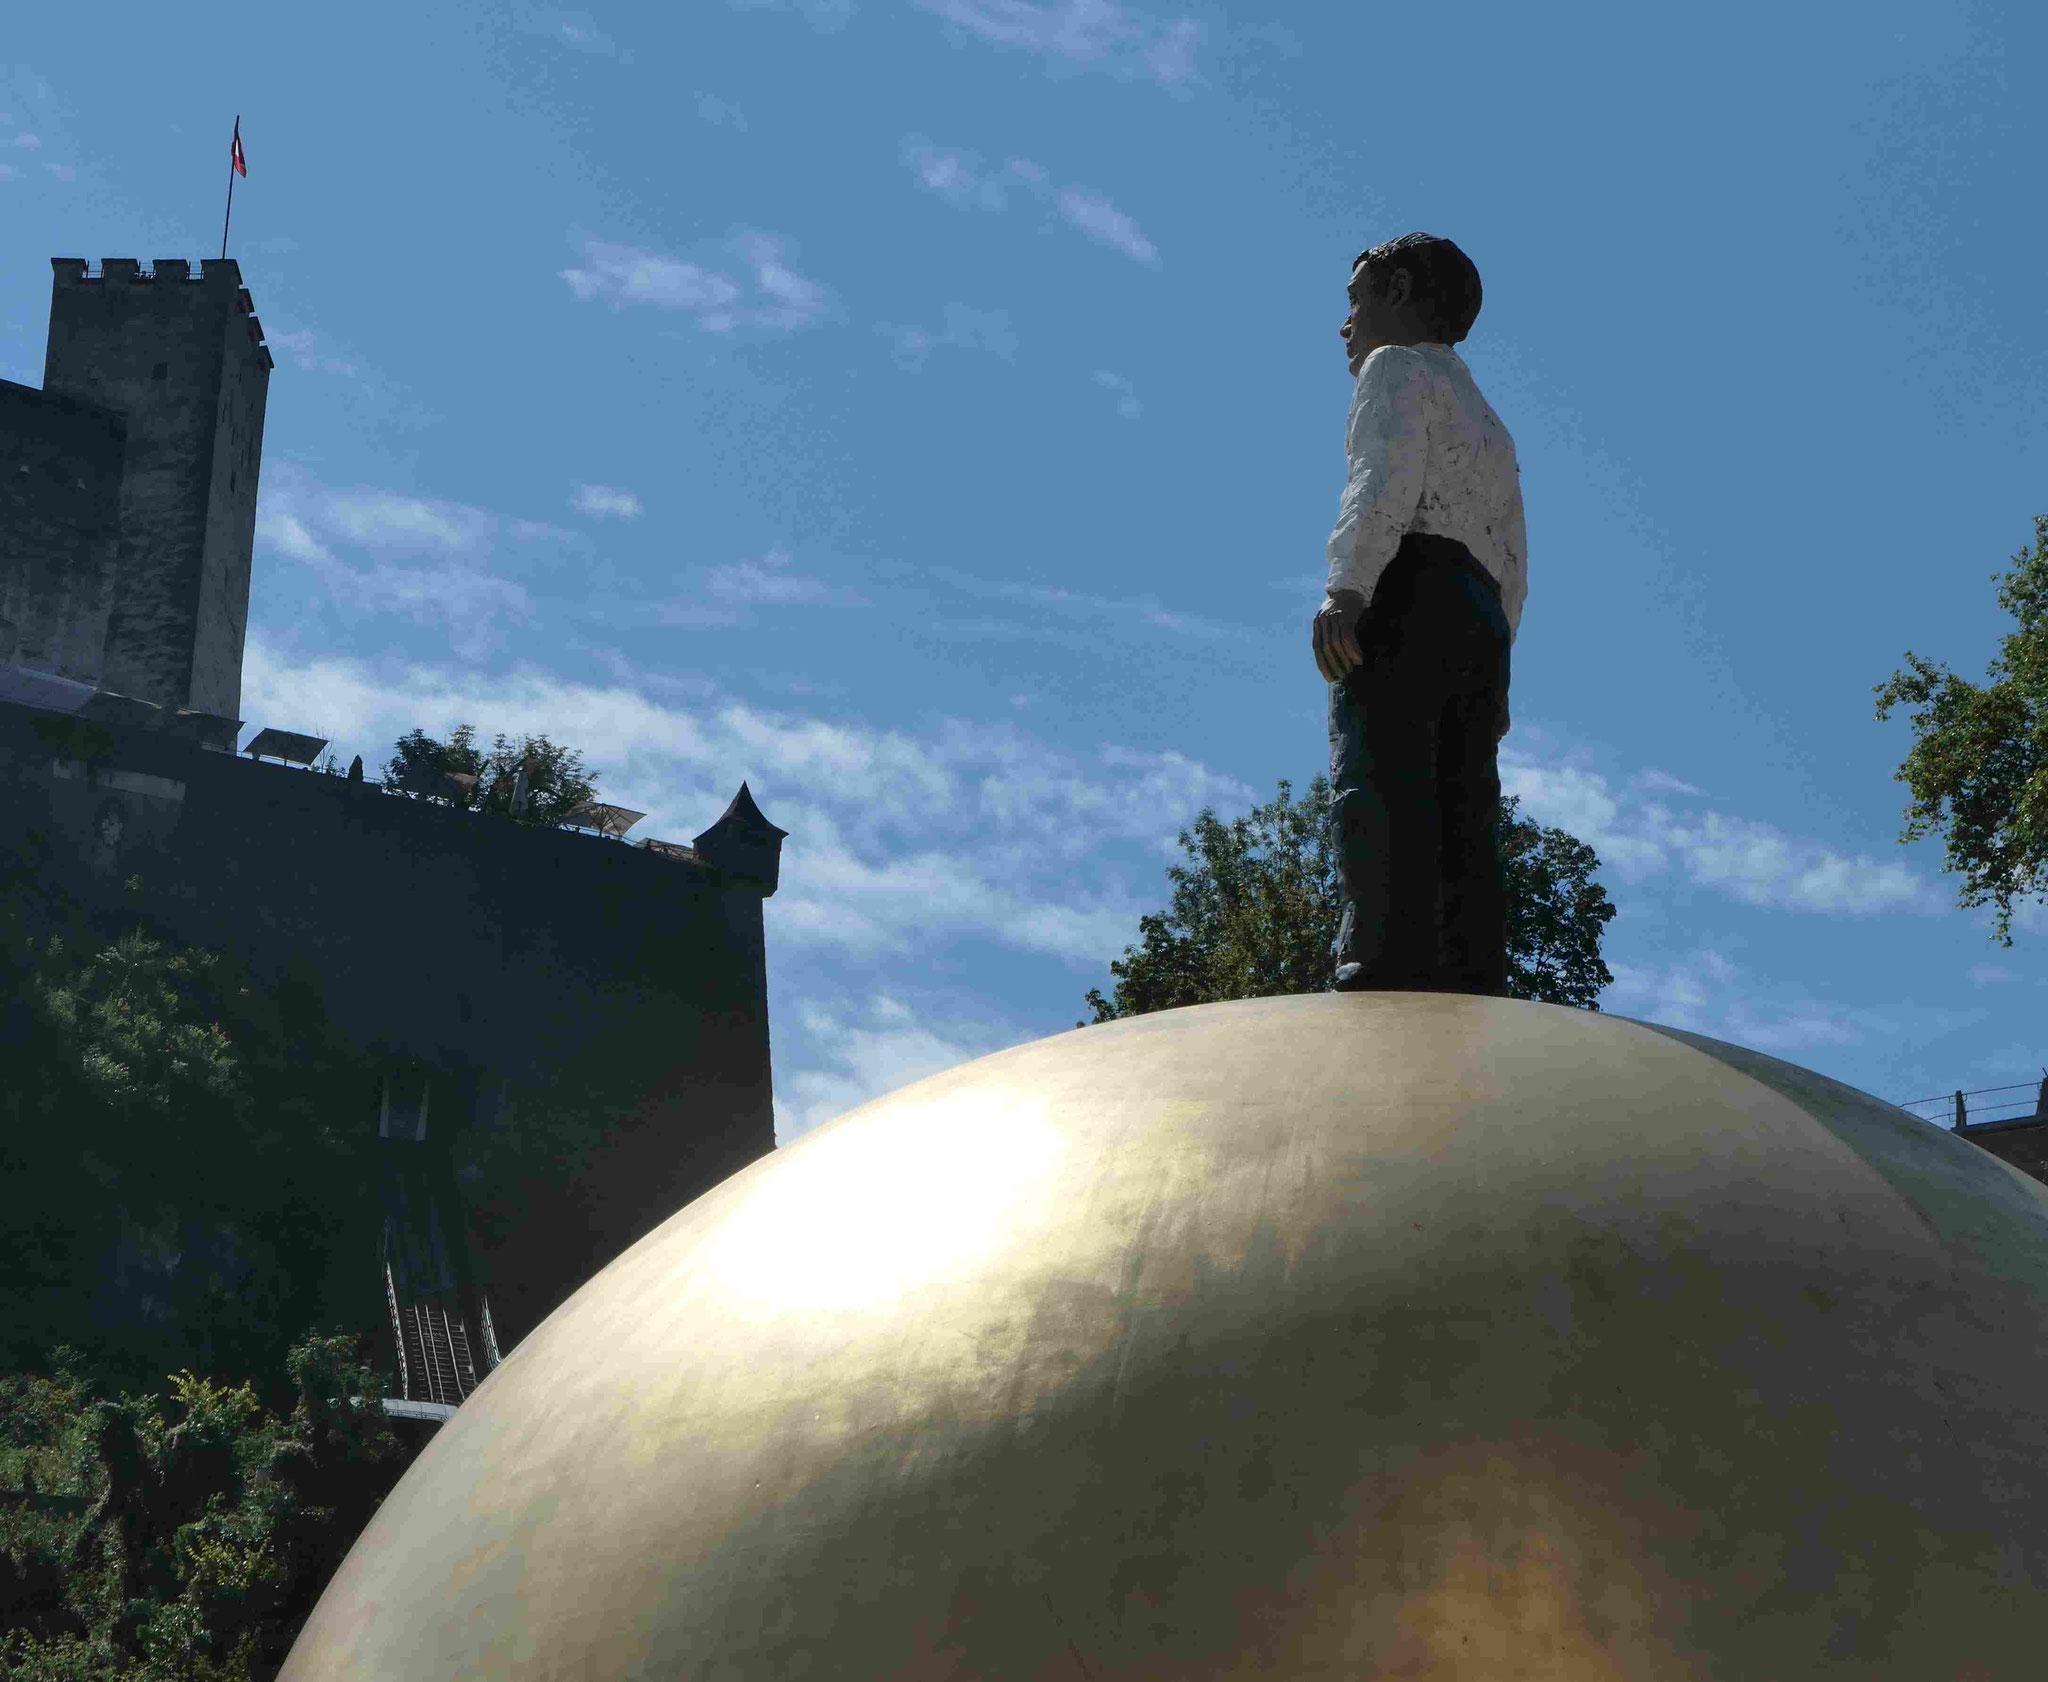 Stephan Balkenhol, Mann auf einer goldenen Kugel im Salzburger Zentrum